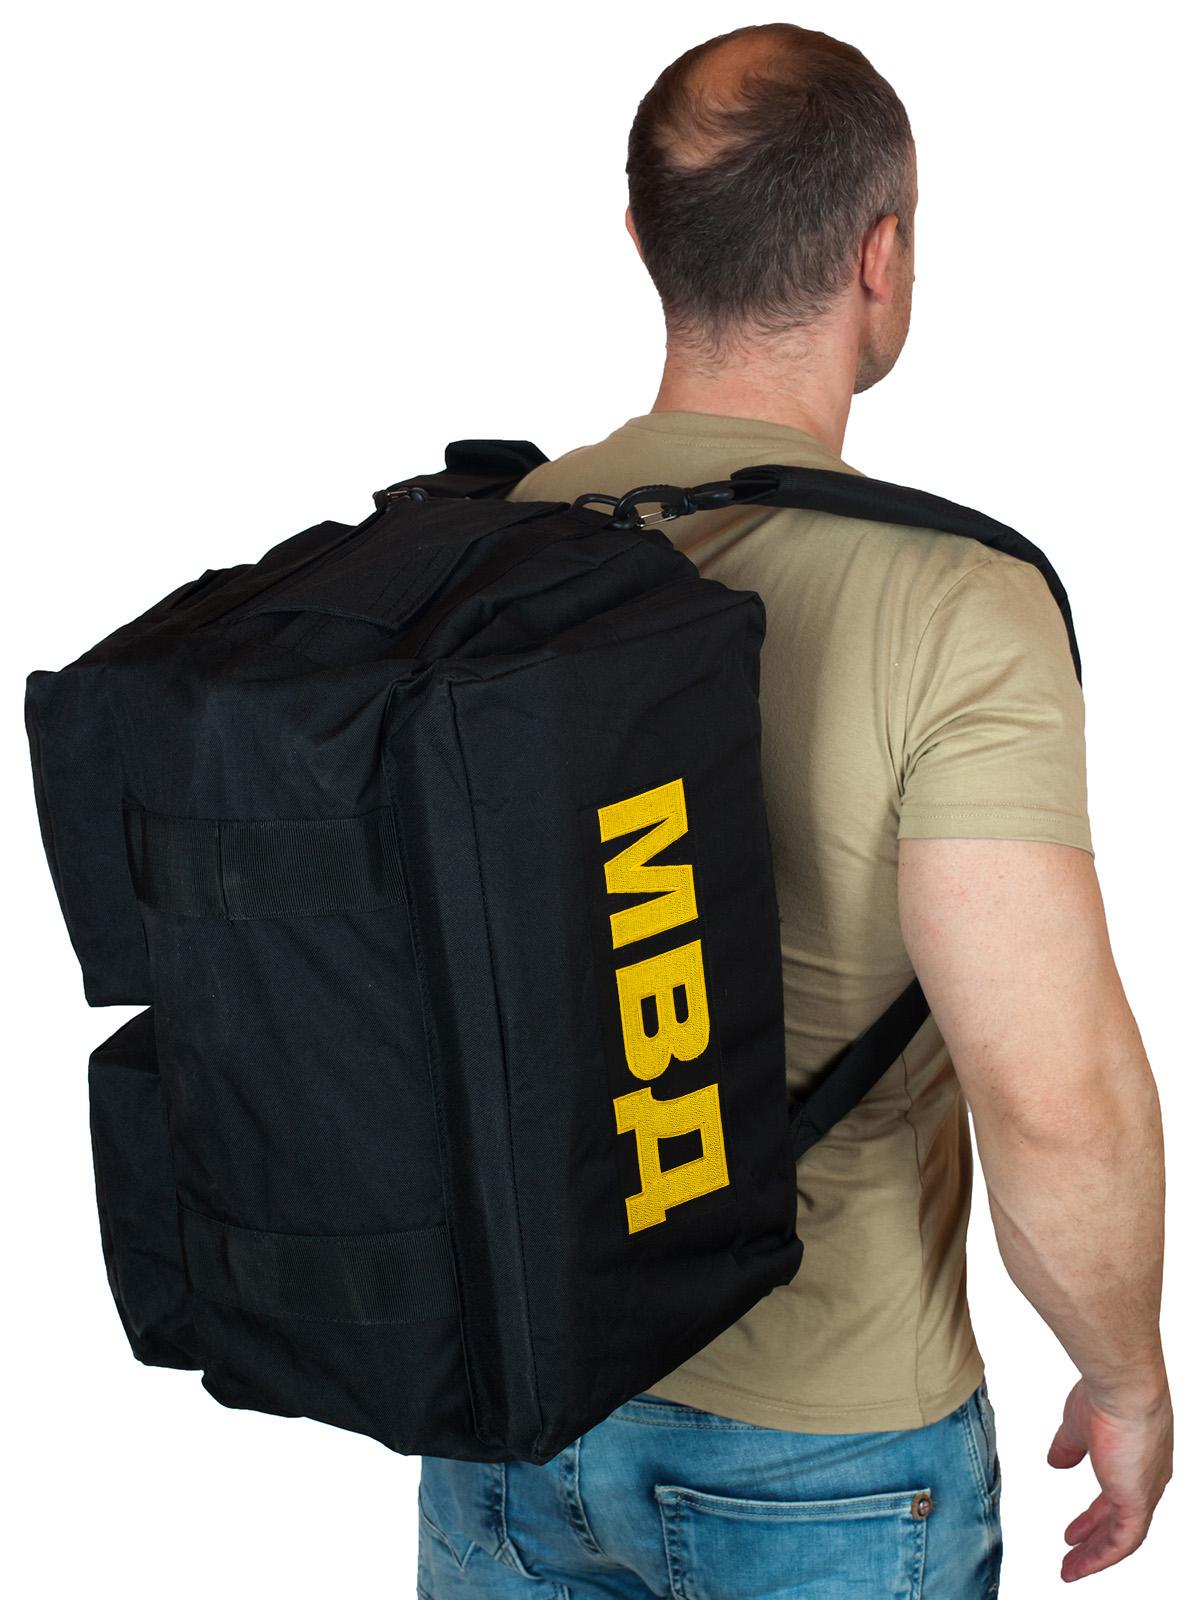 Купить дорожную черную сумку-рюкзак с нашивкой МВД с доставкой или самовывозом